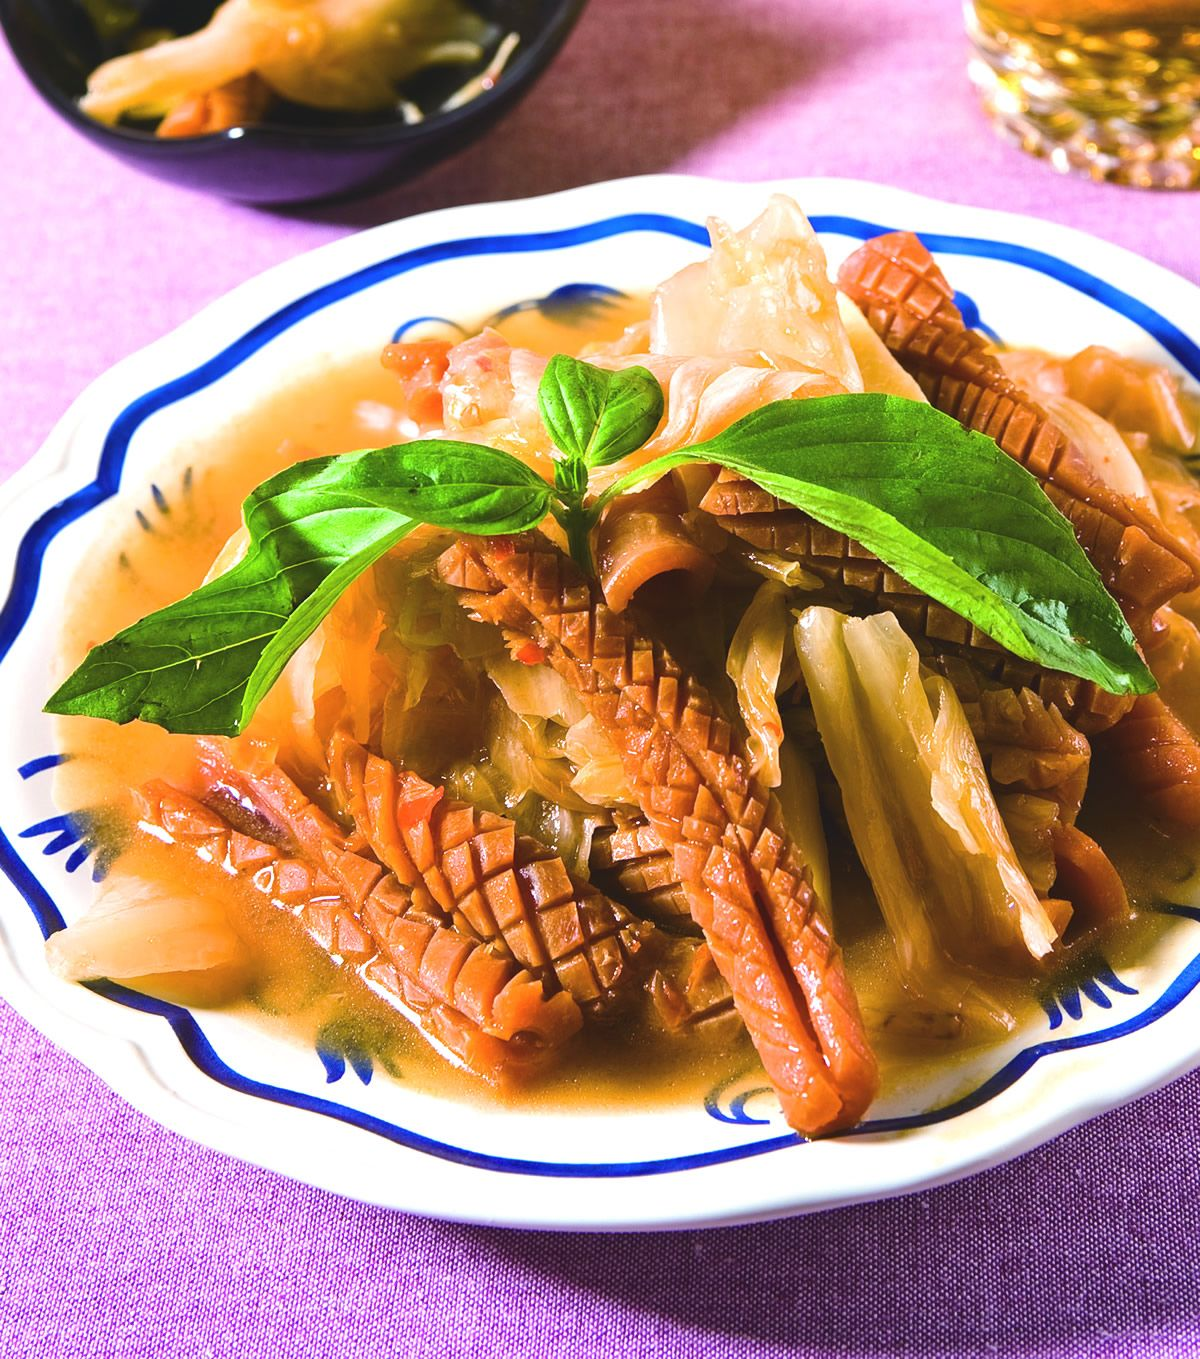 食譜:泡菜炒魷魚